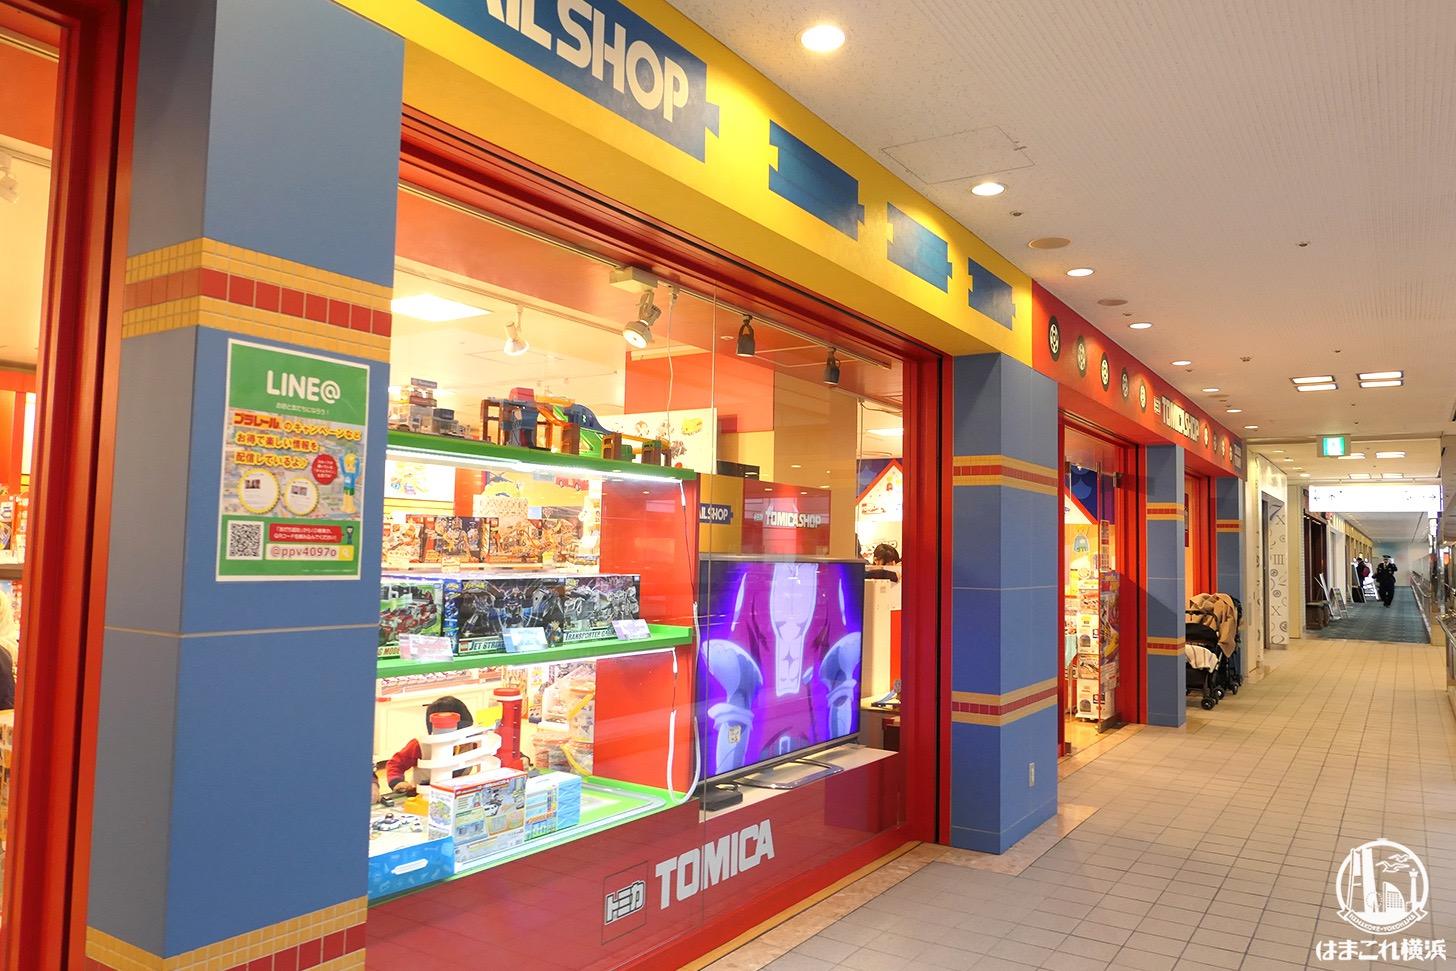 トミカショップ・プラレールショップ横浜店(みなとみらい)が閉店